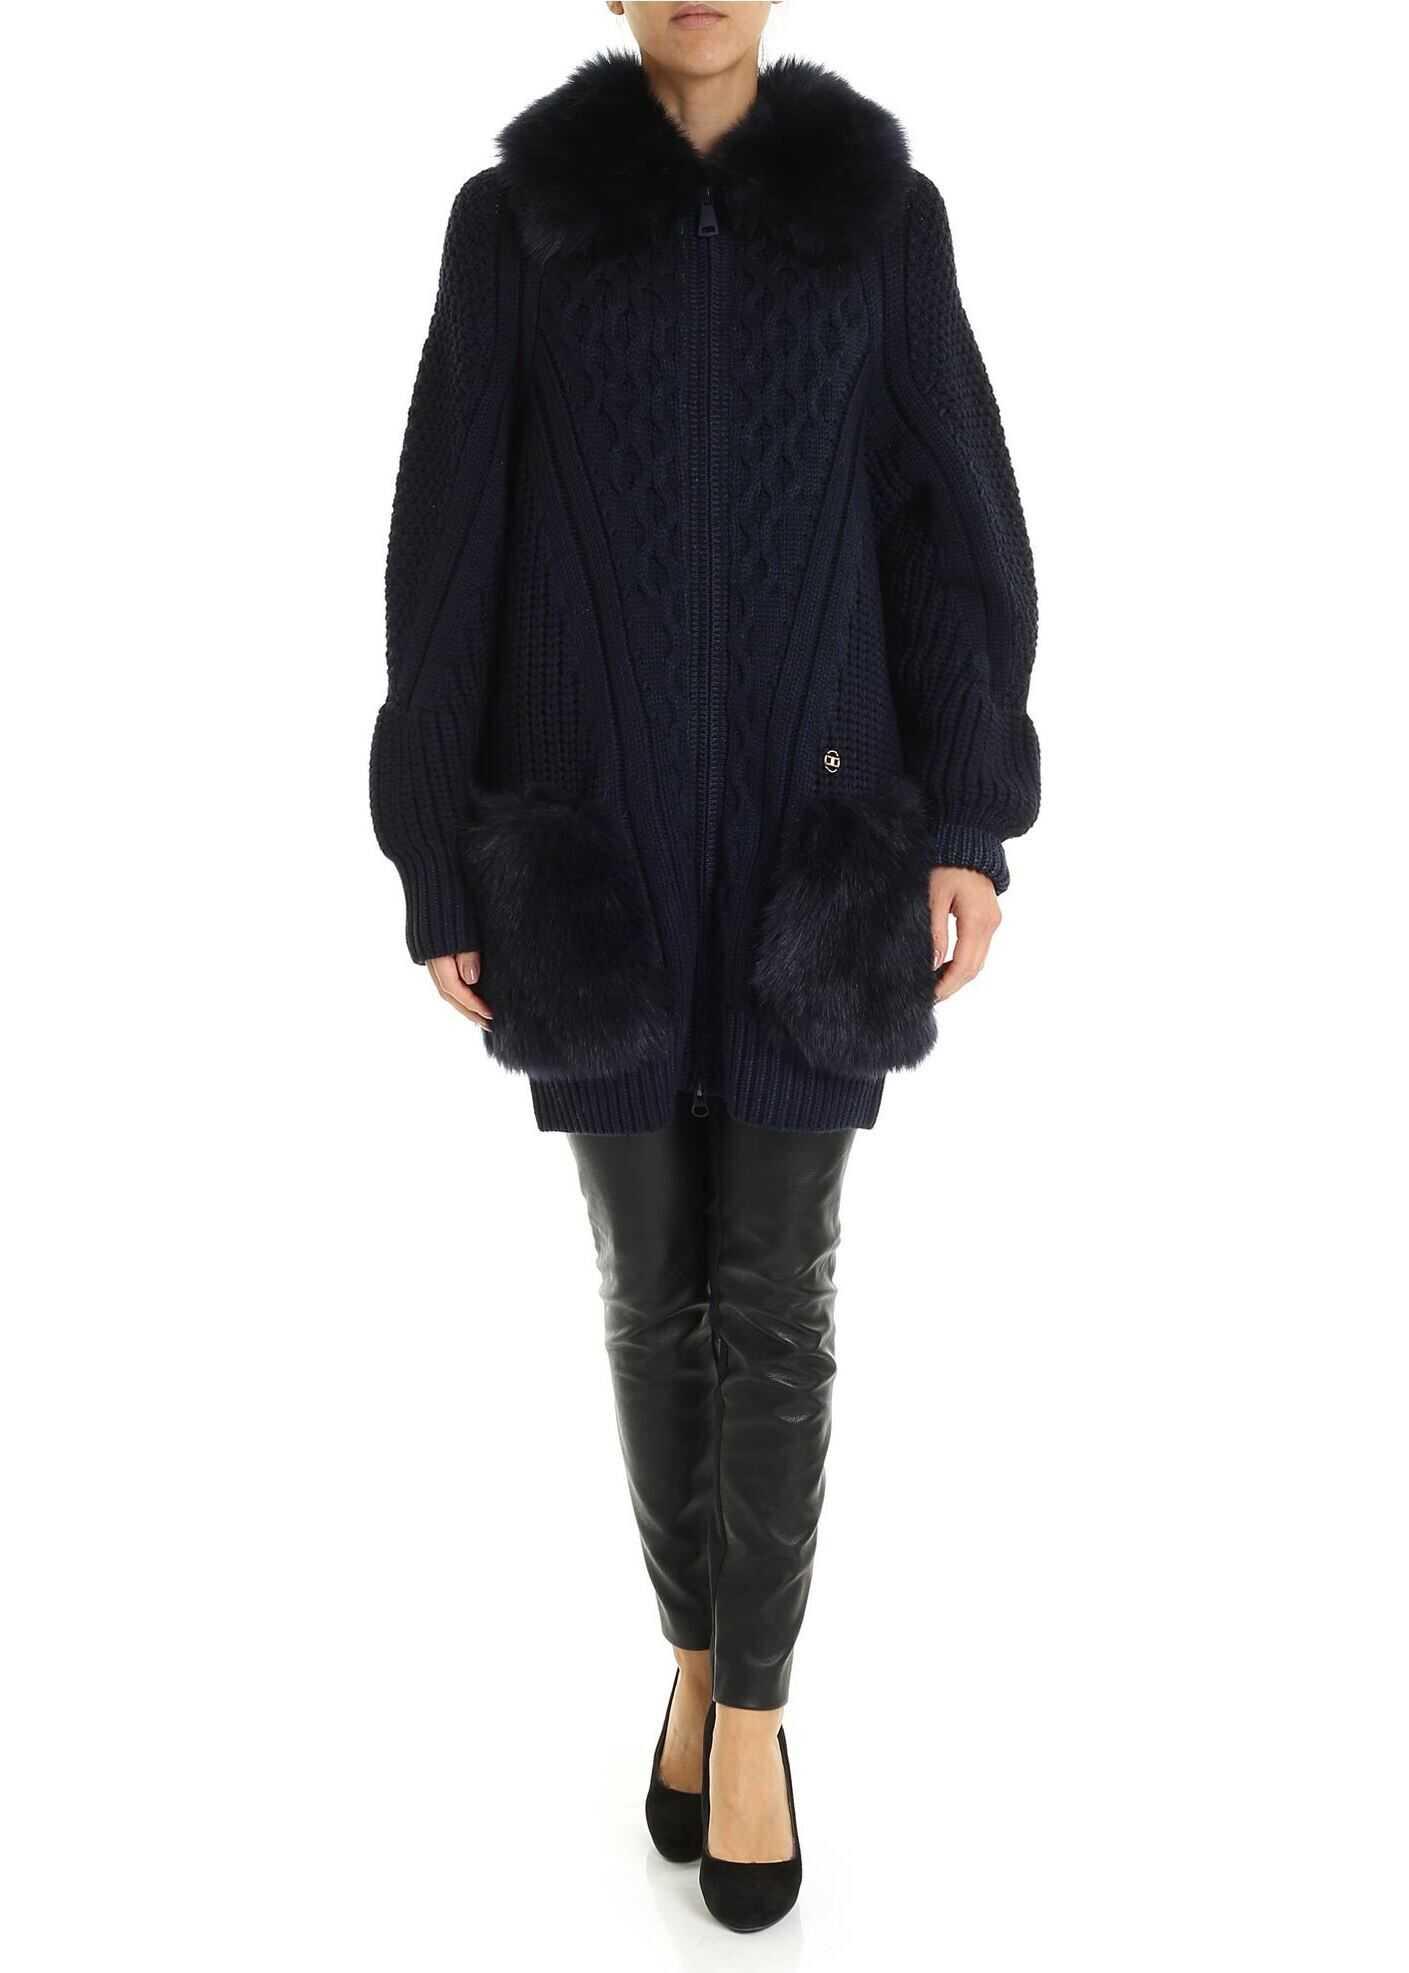 Elisabetta Franchi Dark Blue Cardigan With Faux Fur Inserts Blue